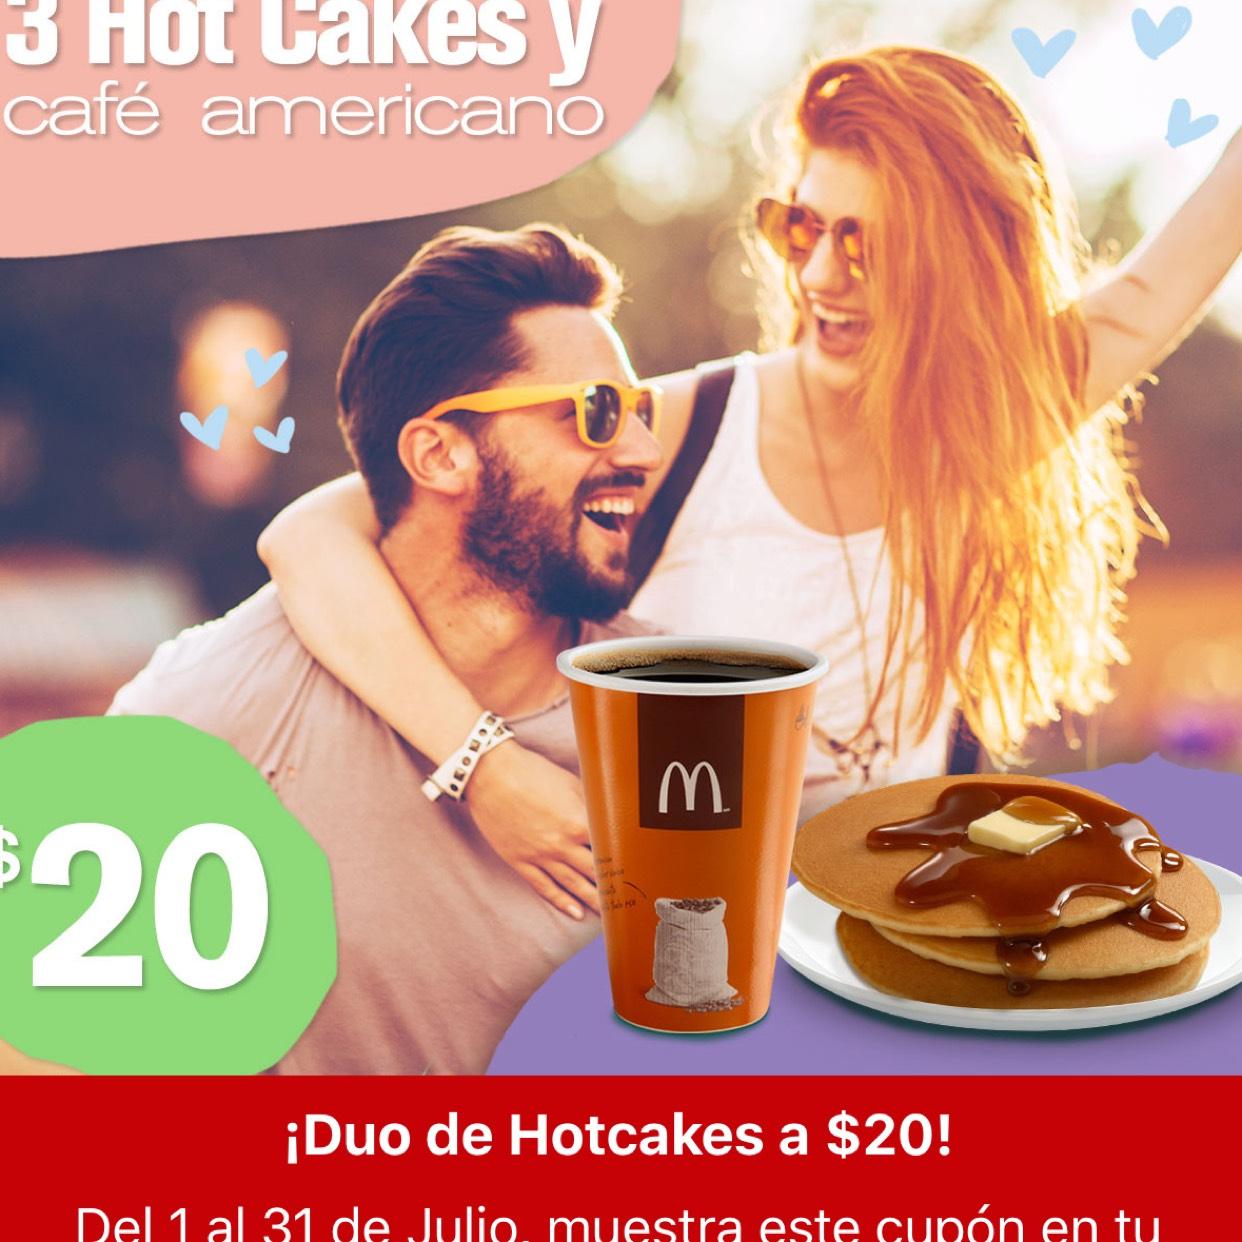 McDonald's: Cupones al 31 de Julio